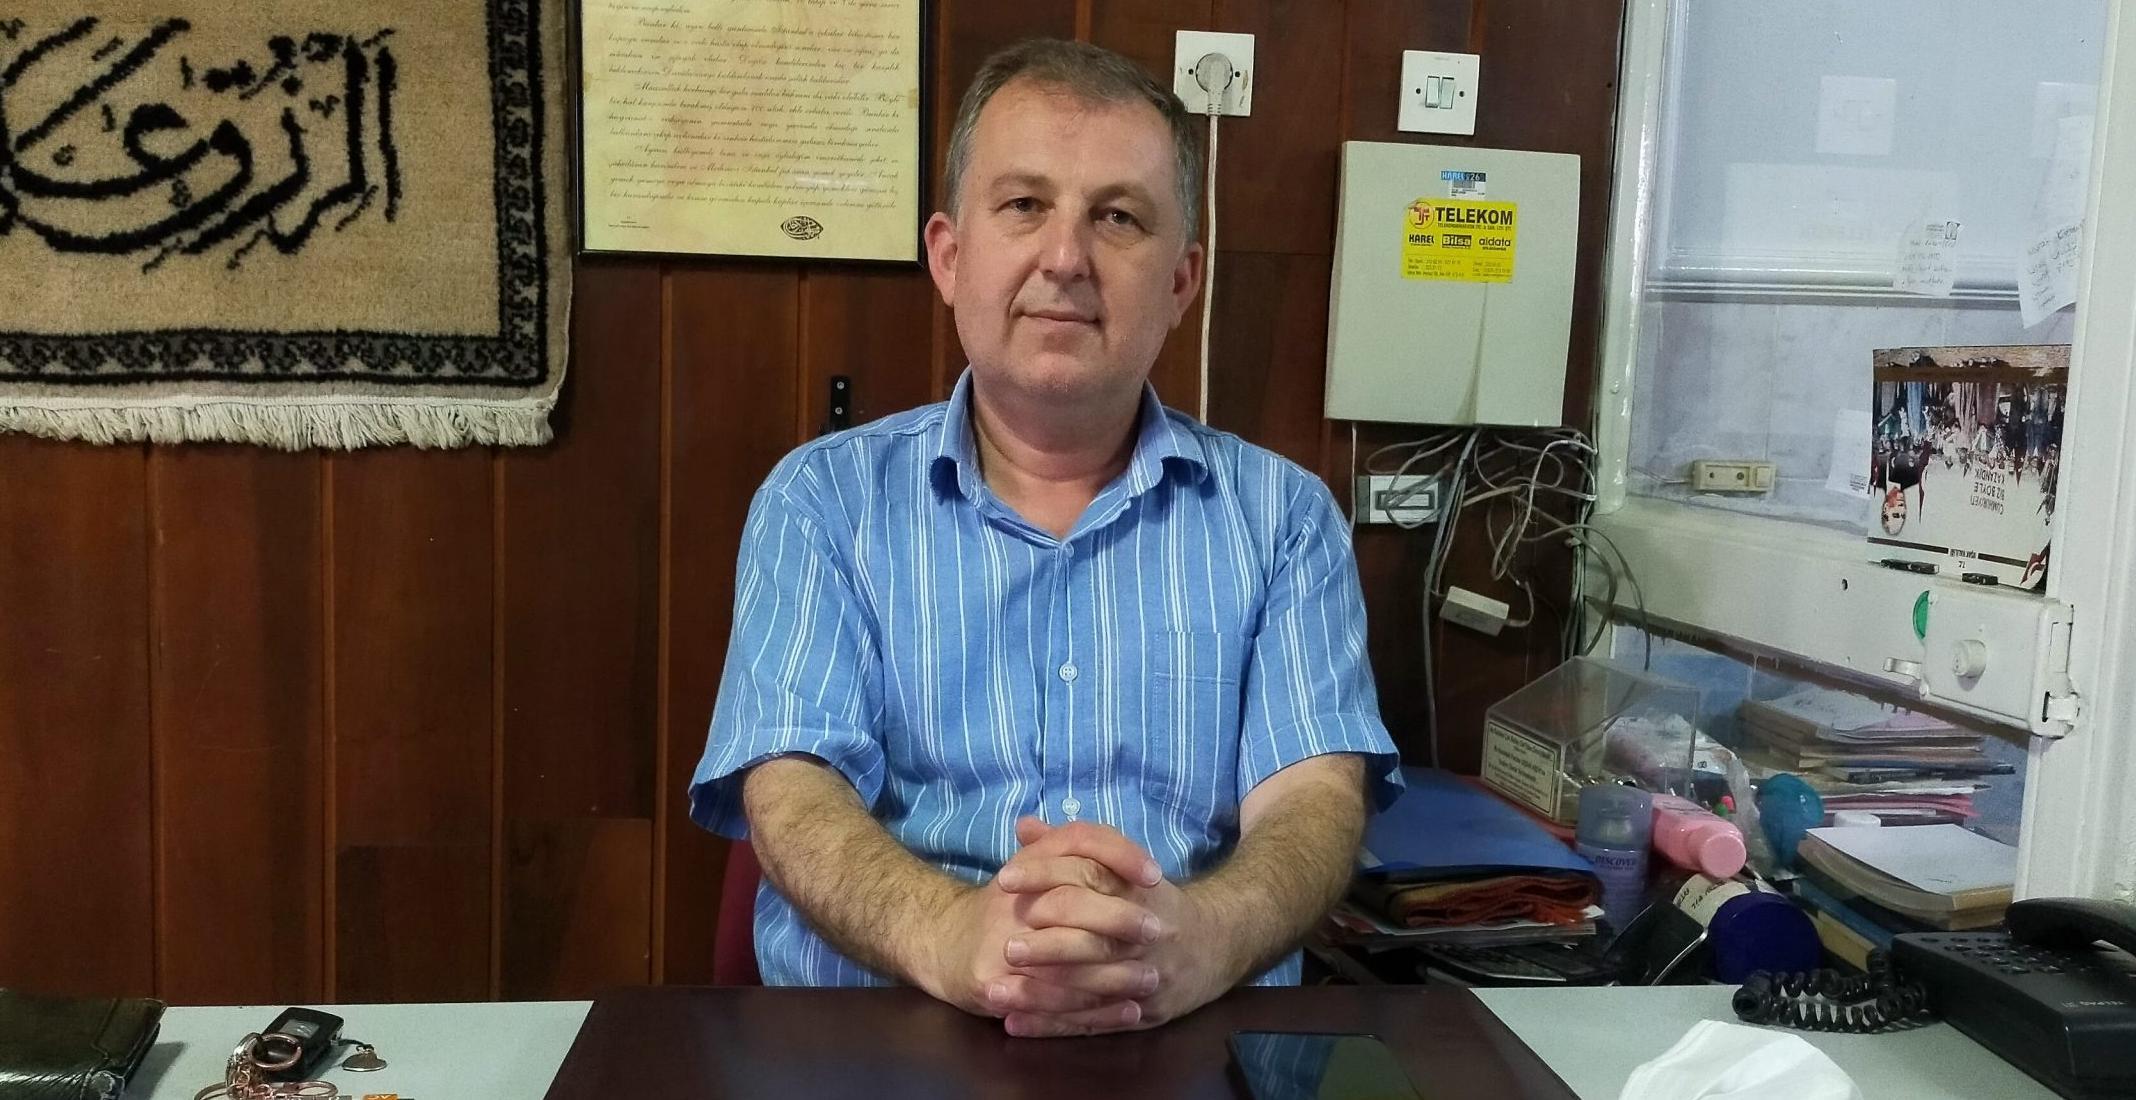 Uşşak Aşevi Hizmet ve Kültür Vakfı Yönetim Kurulu Sekreteri Dr. Zafer Aydın Uşaklıların ilgisinin her geçen gün arttığını söyledi.